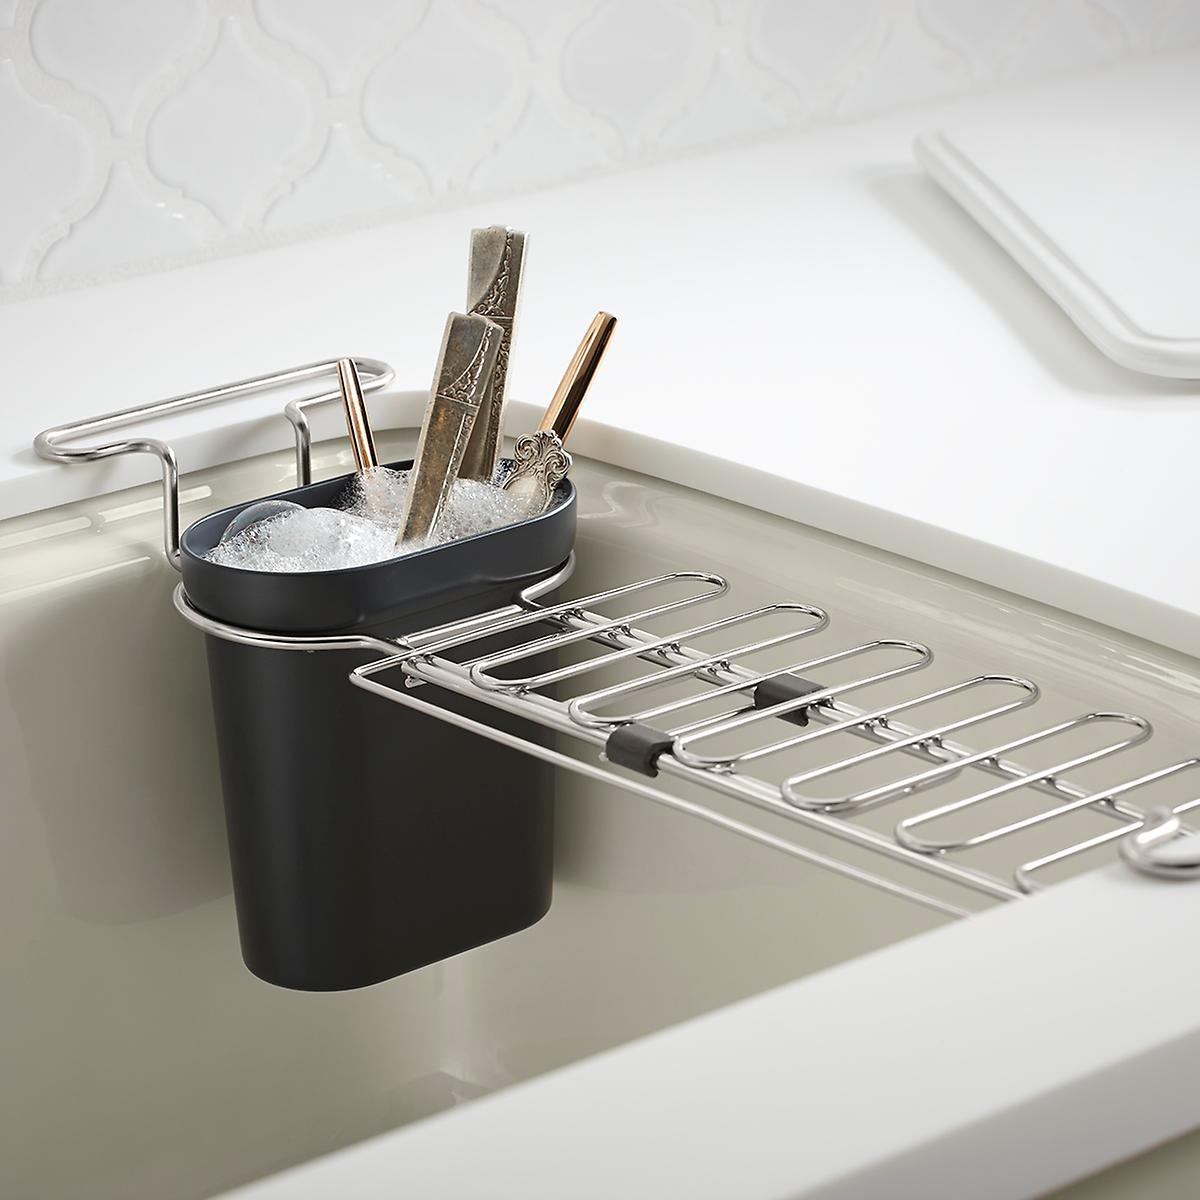 327 Set a Kitchen Sink Utility Rack via simphome